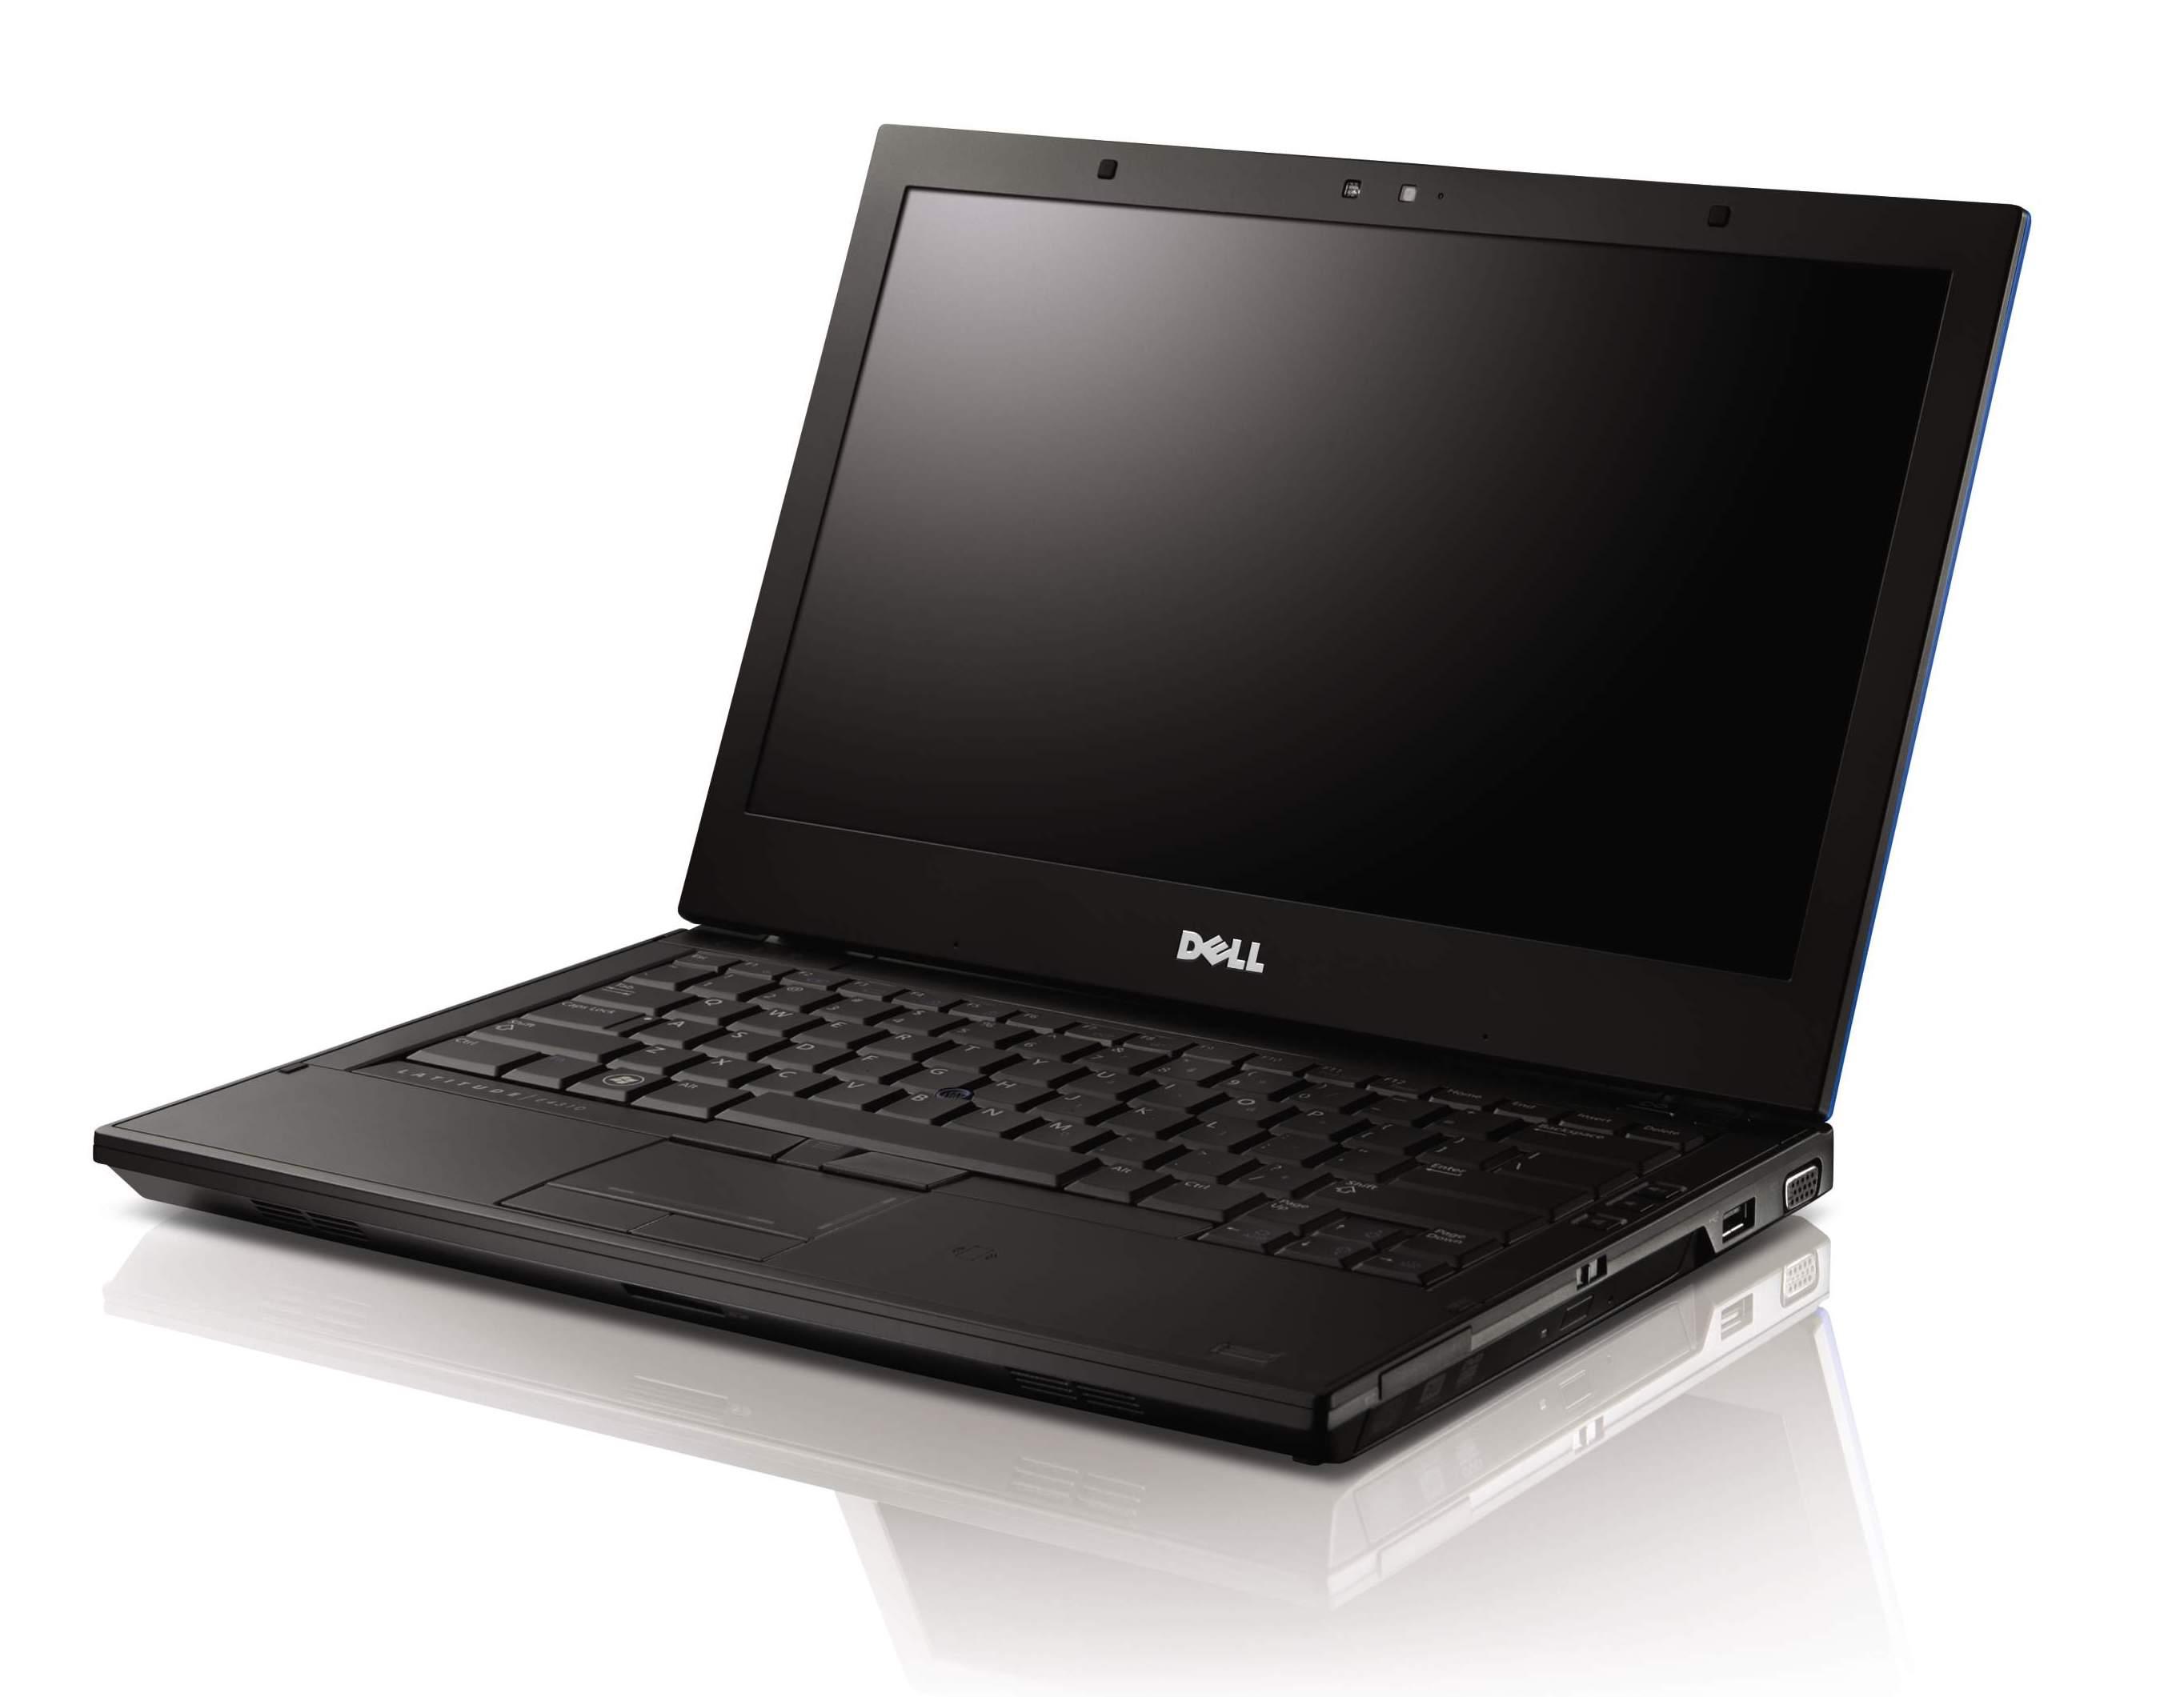 Laptop dell latitude E4310 CORE I7 RAM 4GB HDD 250GB CAMERA MINI